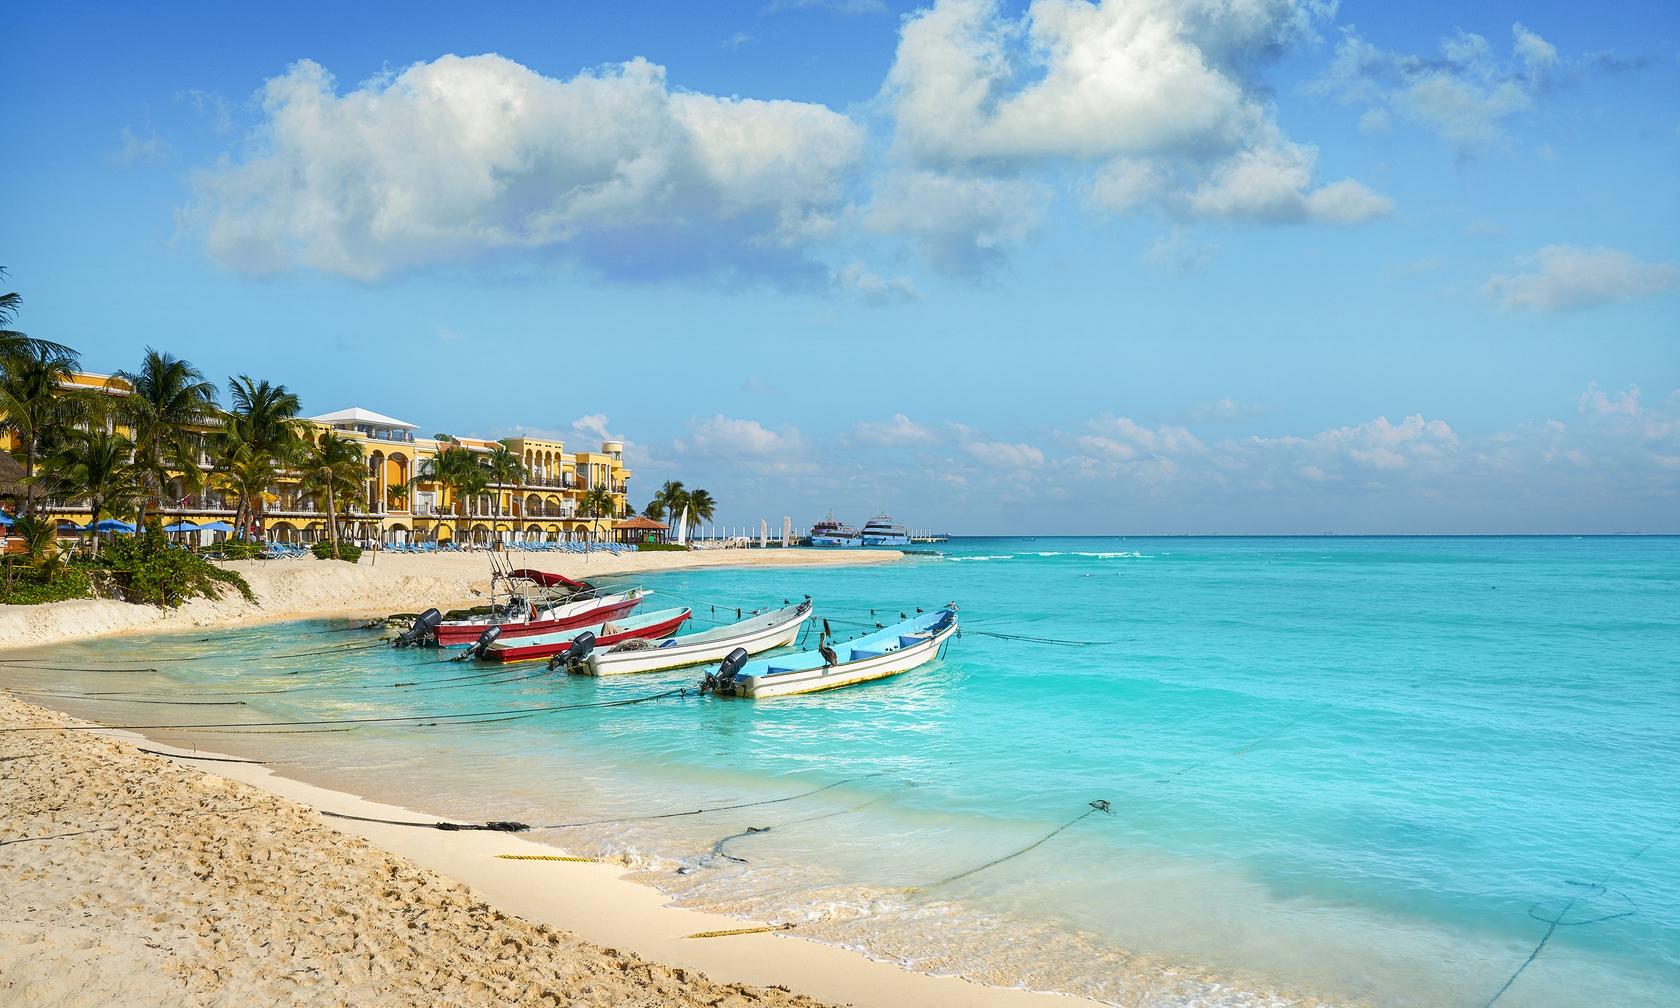 Vacation rentals in Playa del Carmen